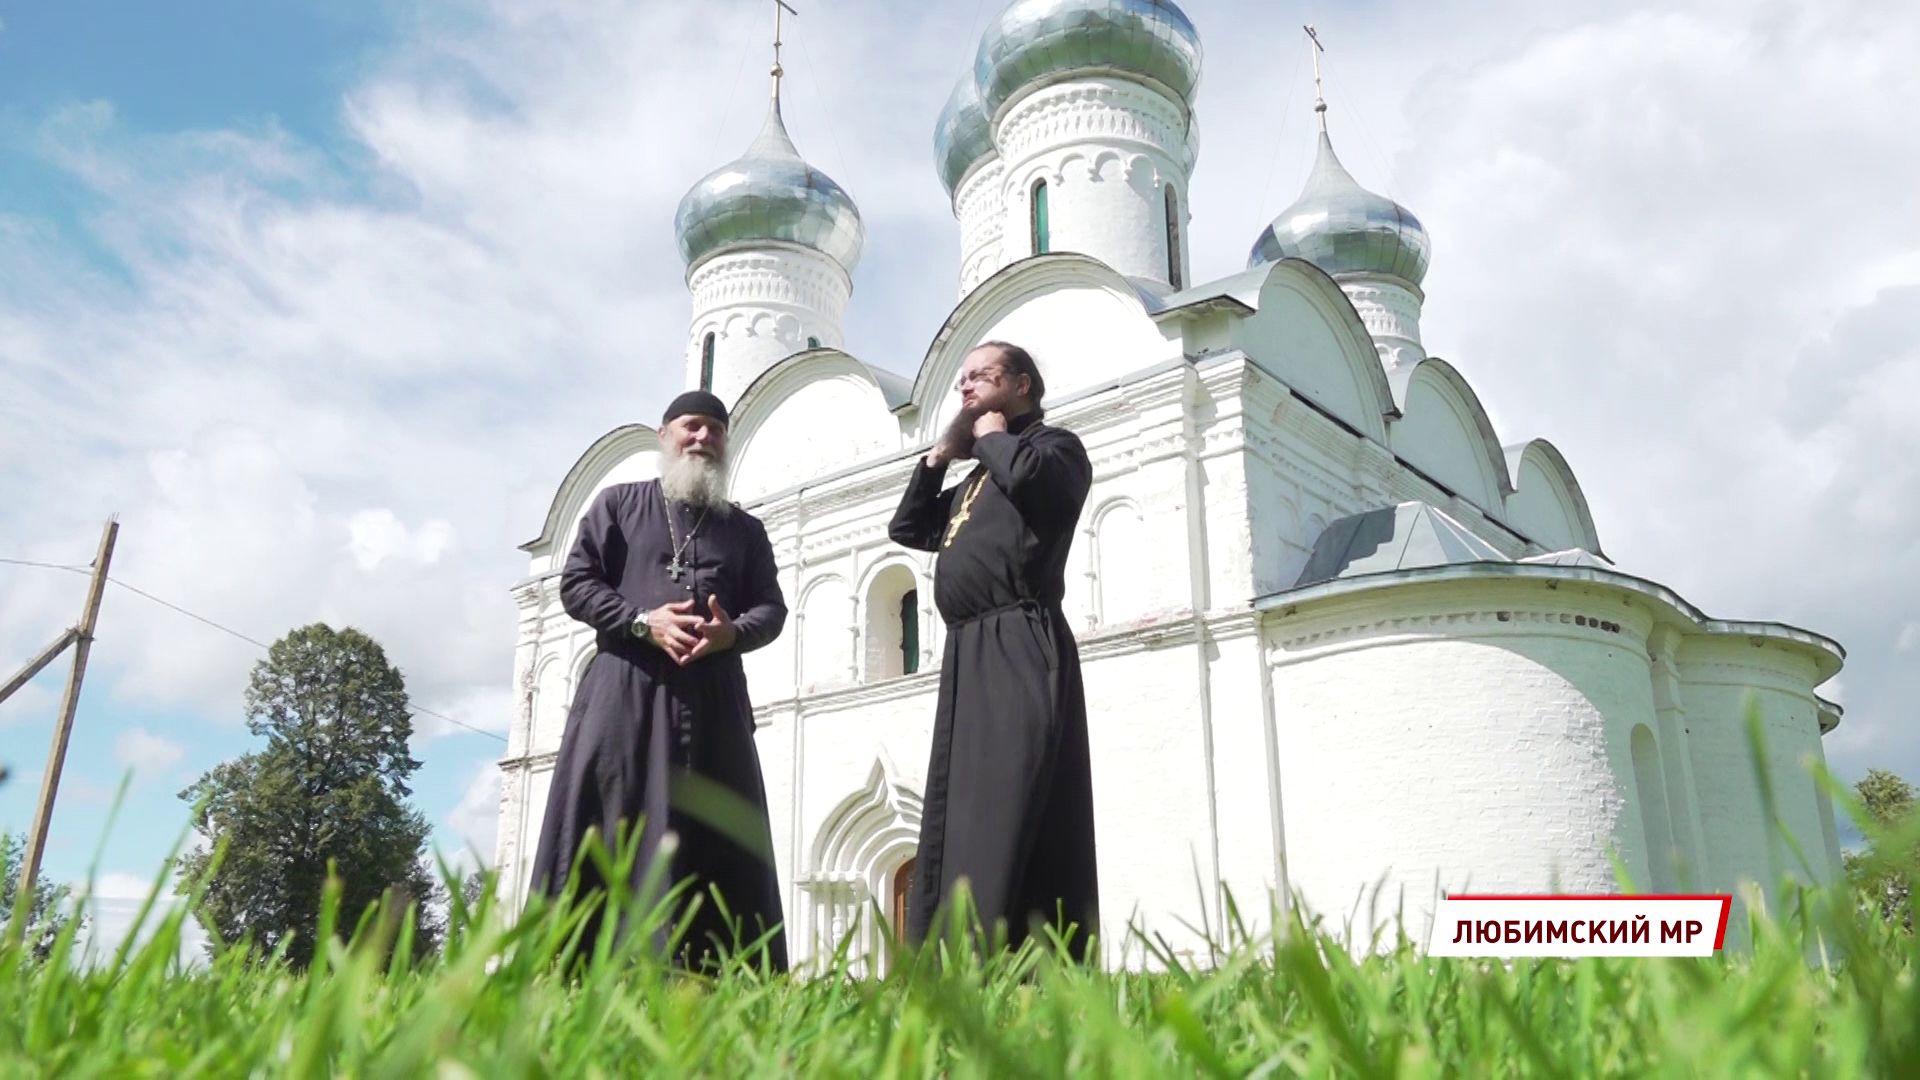 Монастырь в Любиме может стать местом притяжения туристов